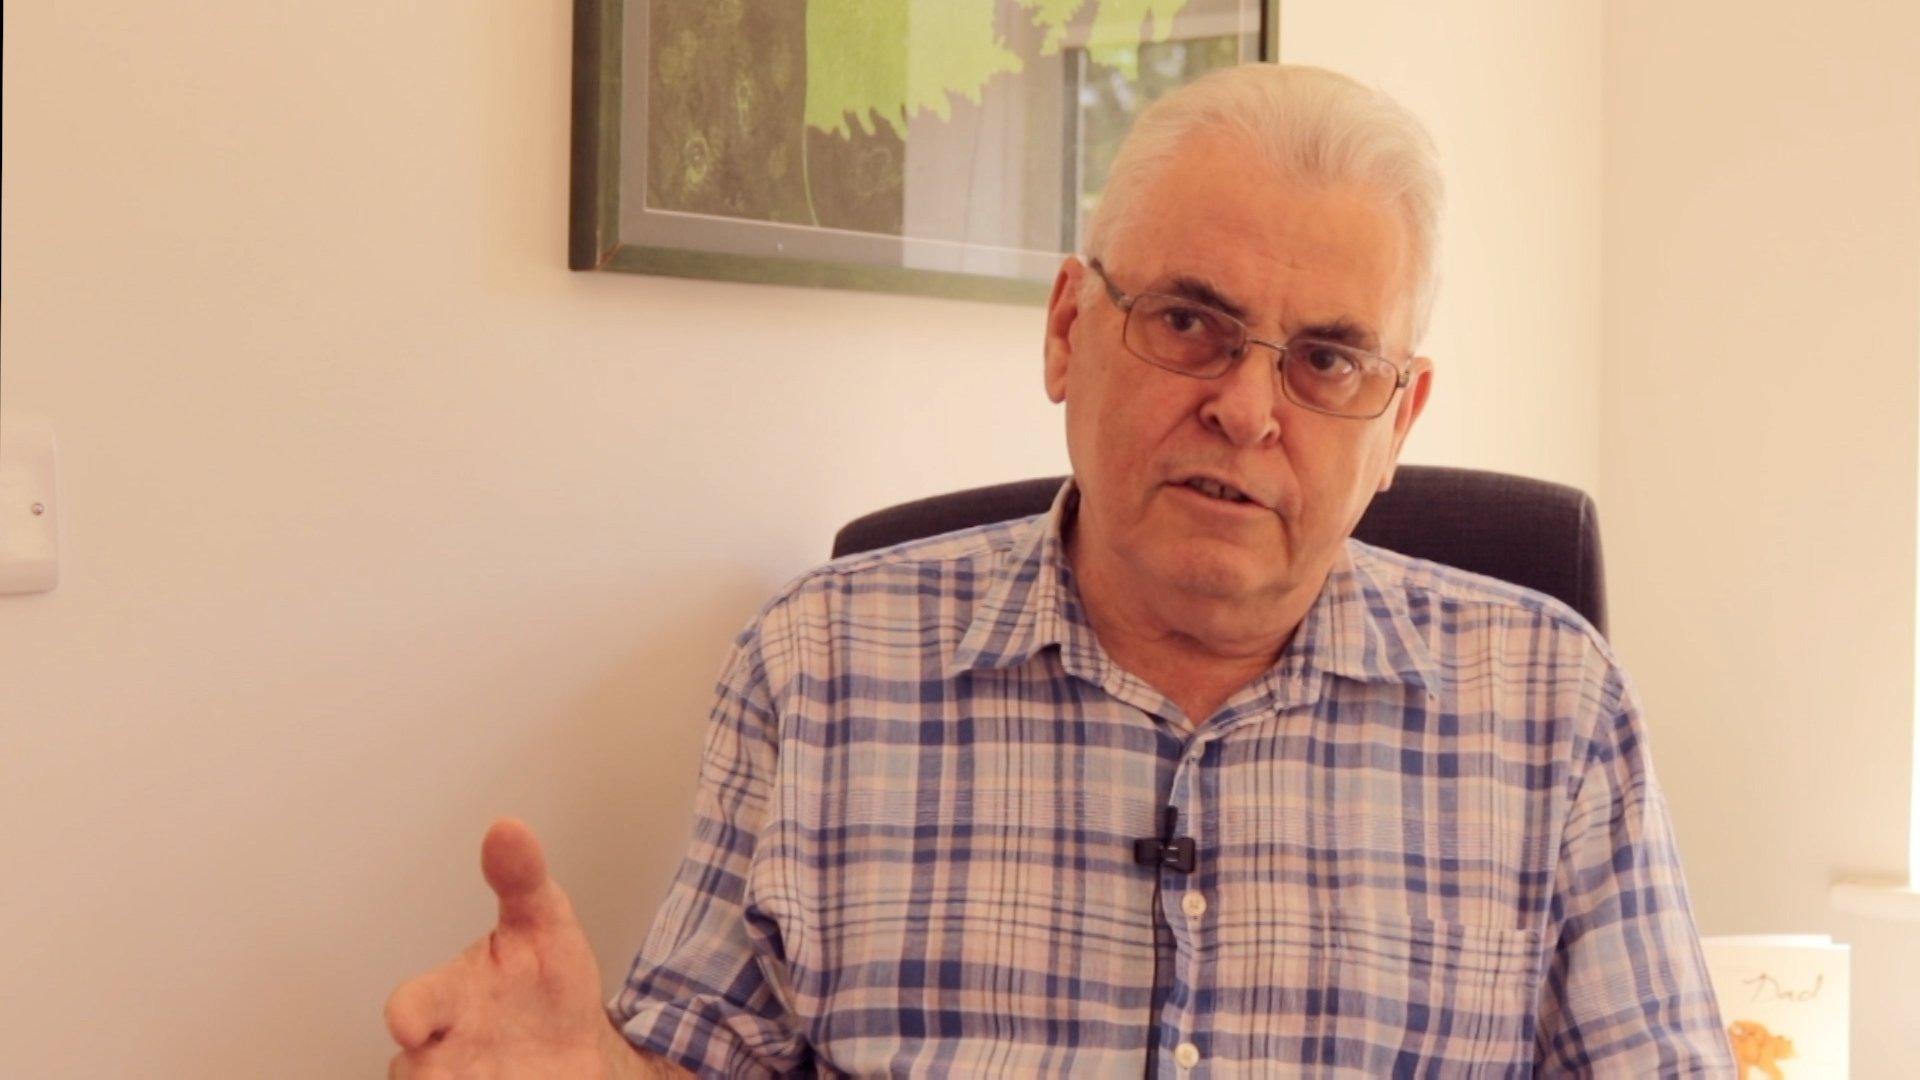 在中國被囚禁兩年的前英國記者、調查員韓飛龍(Peter Humphrey)在英國接受新唐人電視台採訪。(新唐人影片截圖)